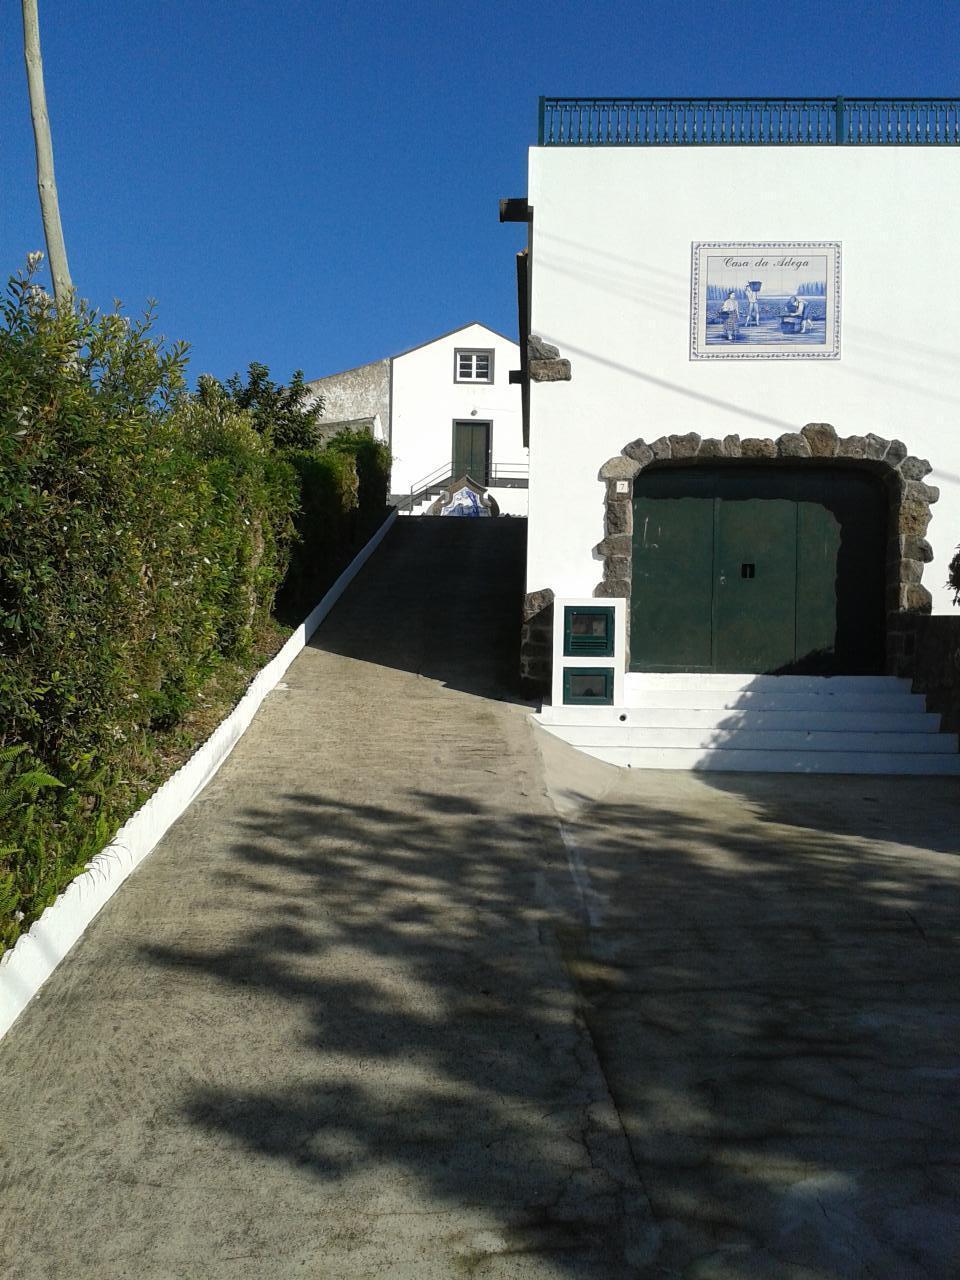 Ferienhaus Ribeira Chã an der Südküste der Insel São Miguel auf den Azoren (880007), Ribeira Chã, Sao Miguel, Azoren, Portugal, Bild 2